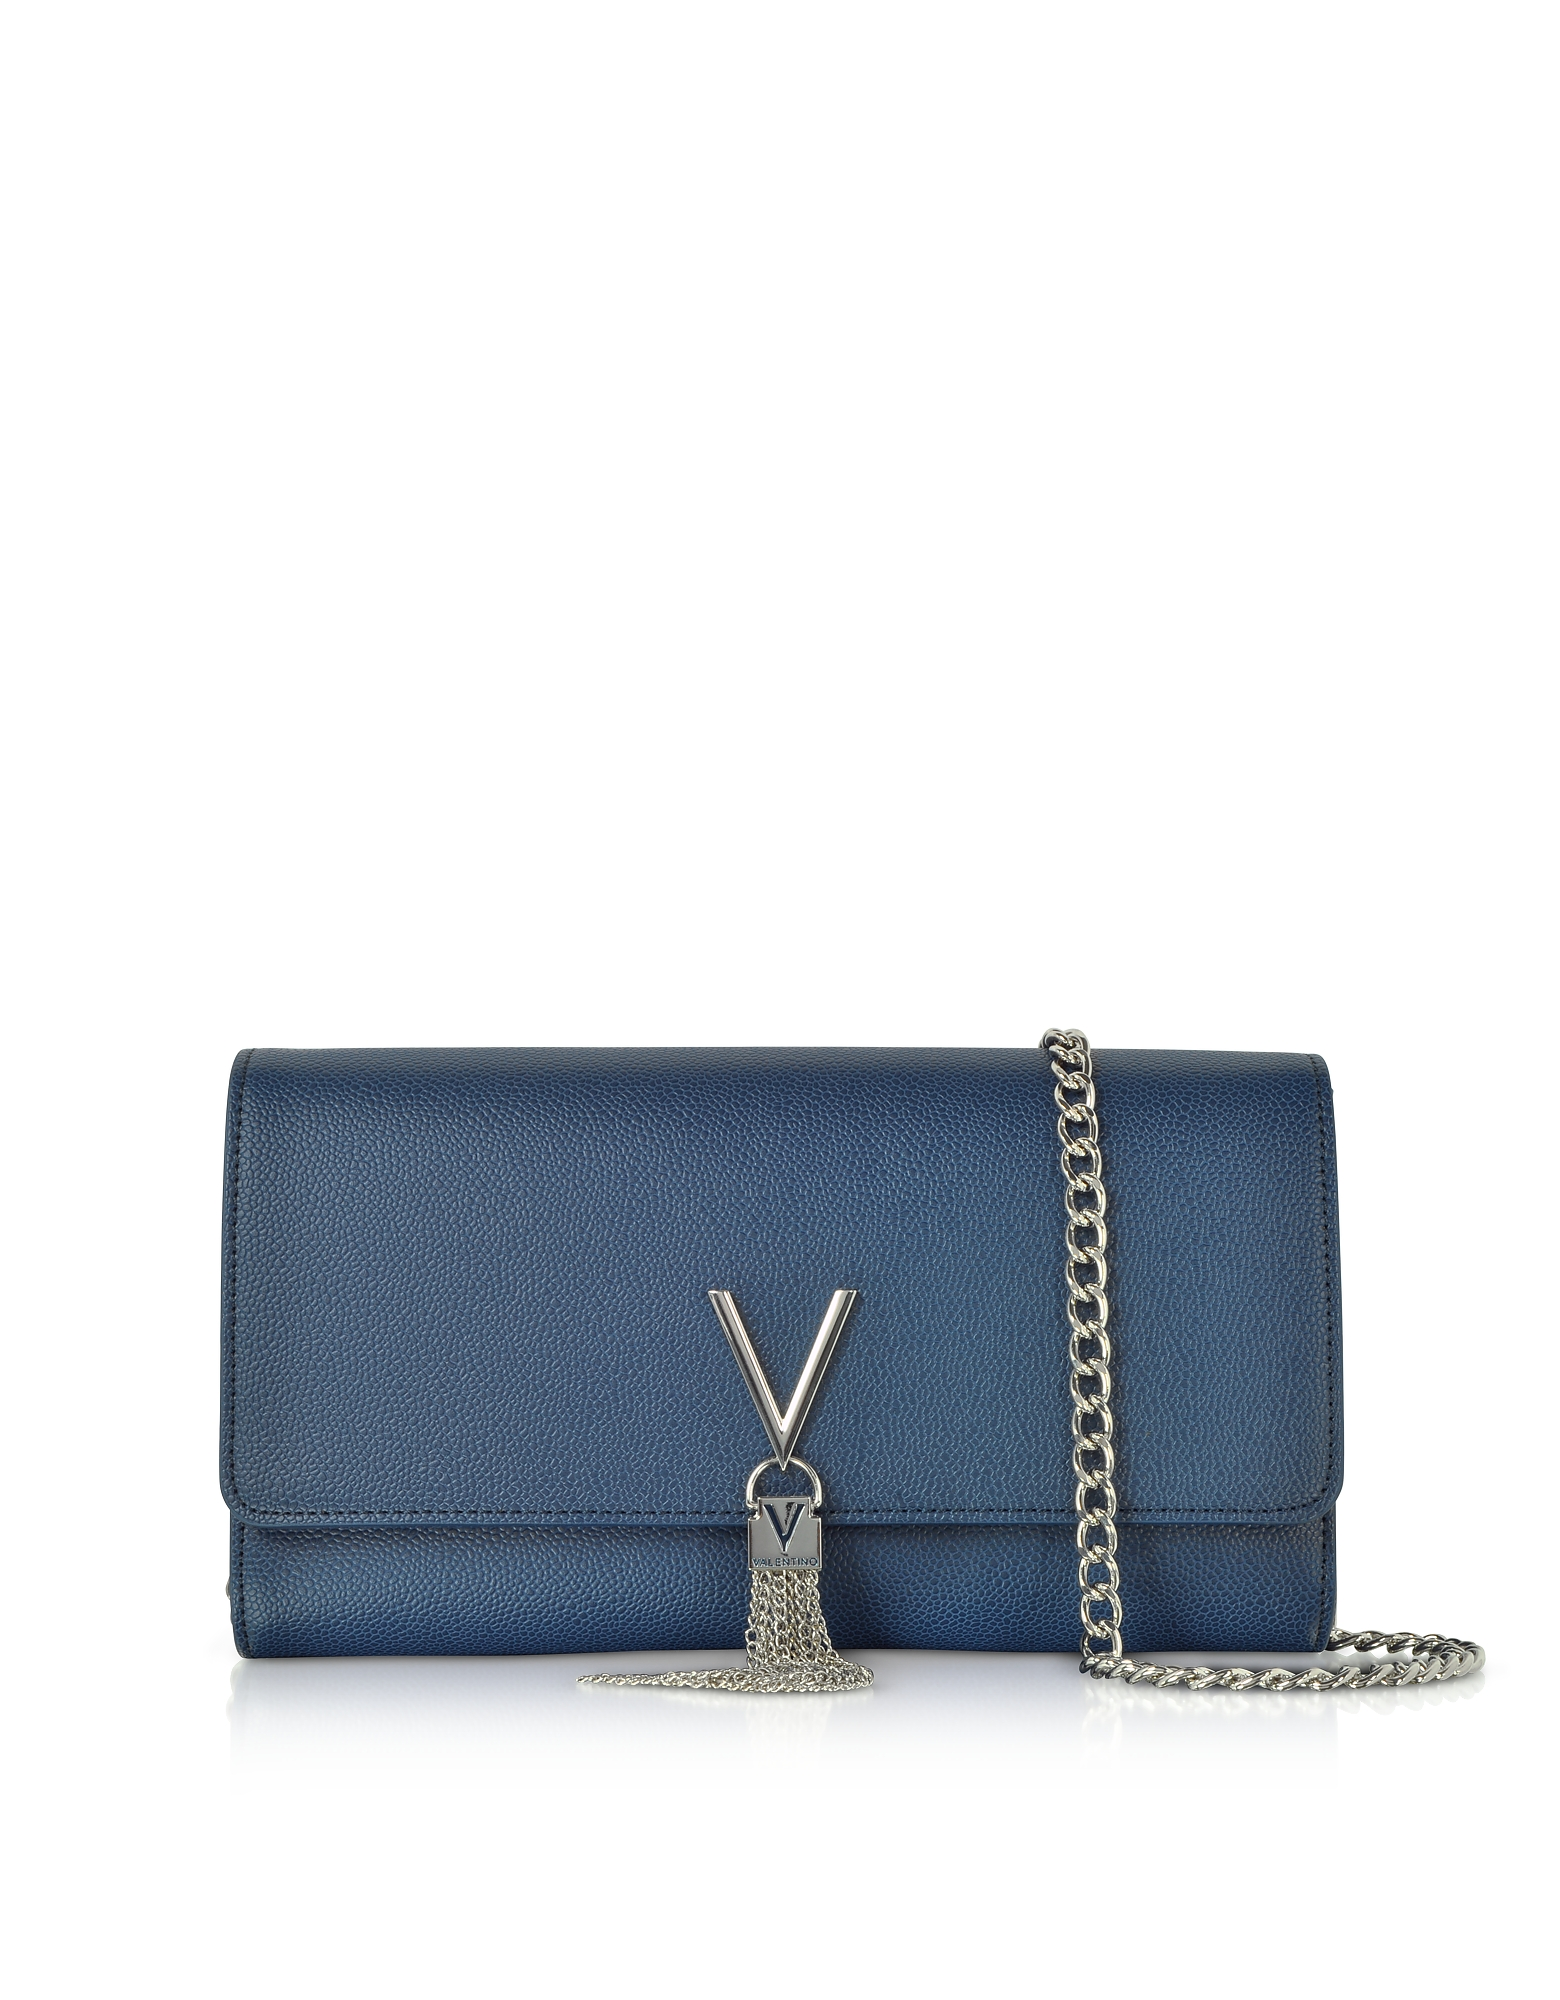 Blue Lizard Embossed Eco Leather Divina Shoulder Bag